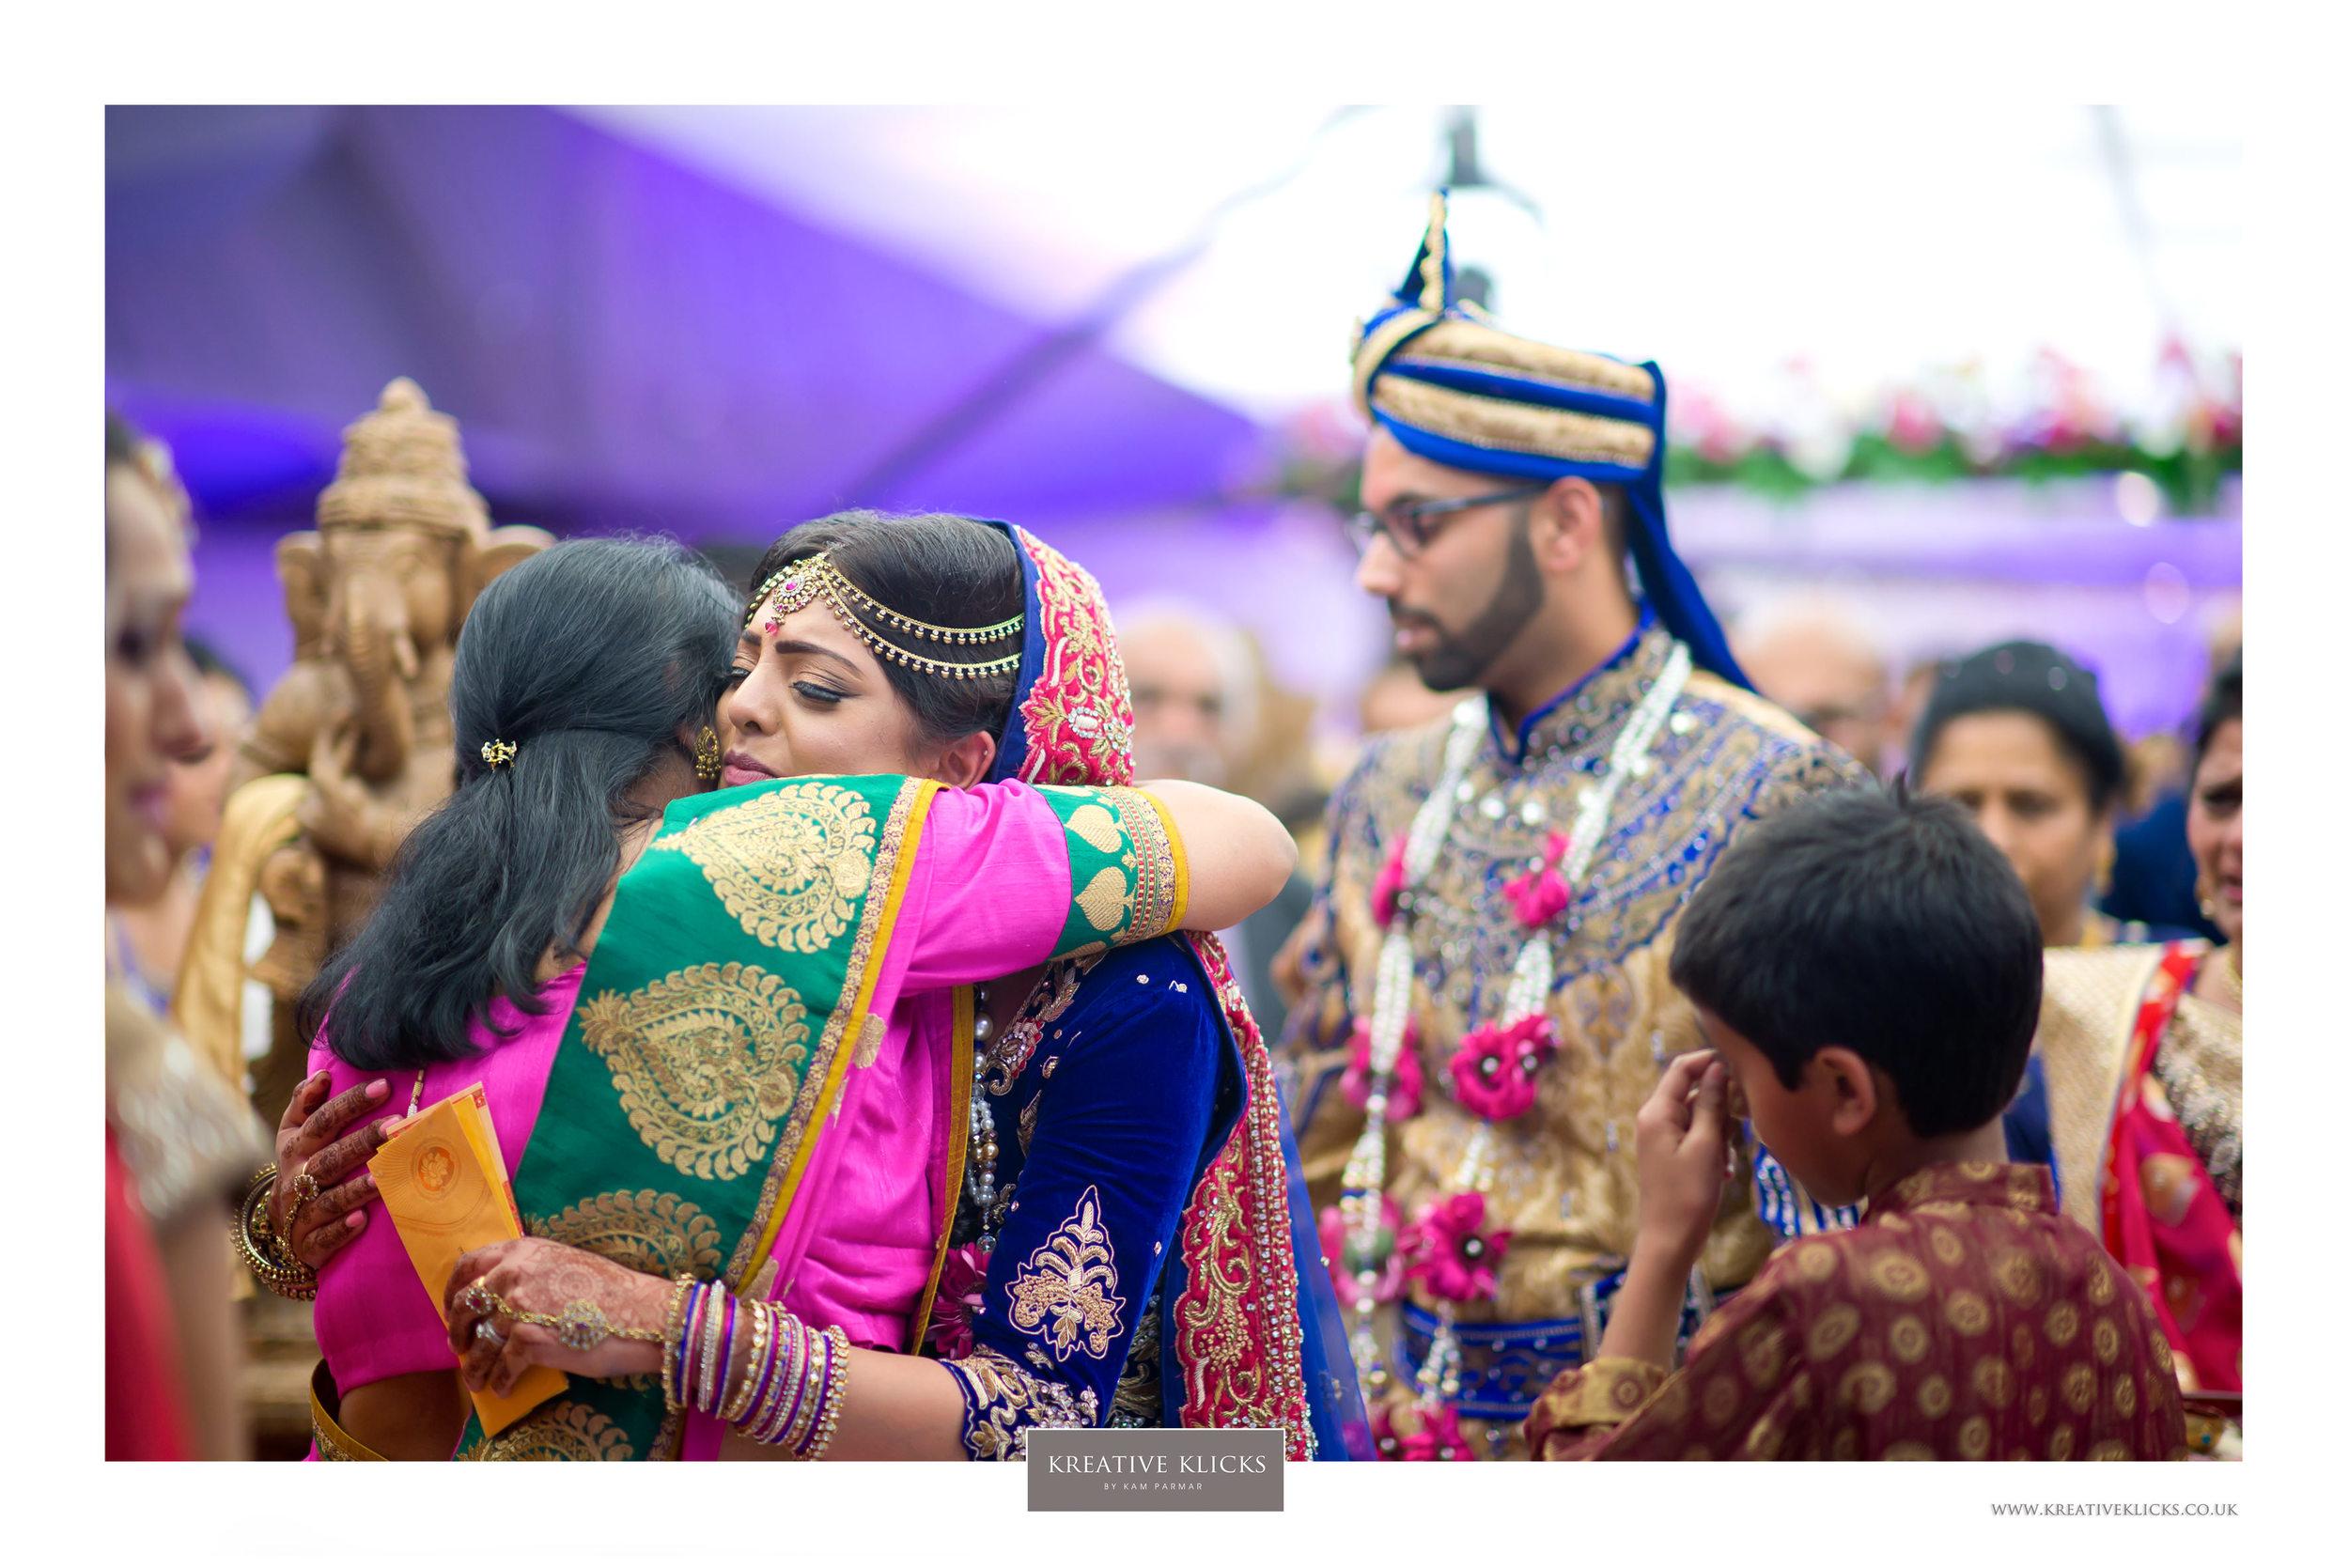 H&M_Hindu-1154 KK.jpg